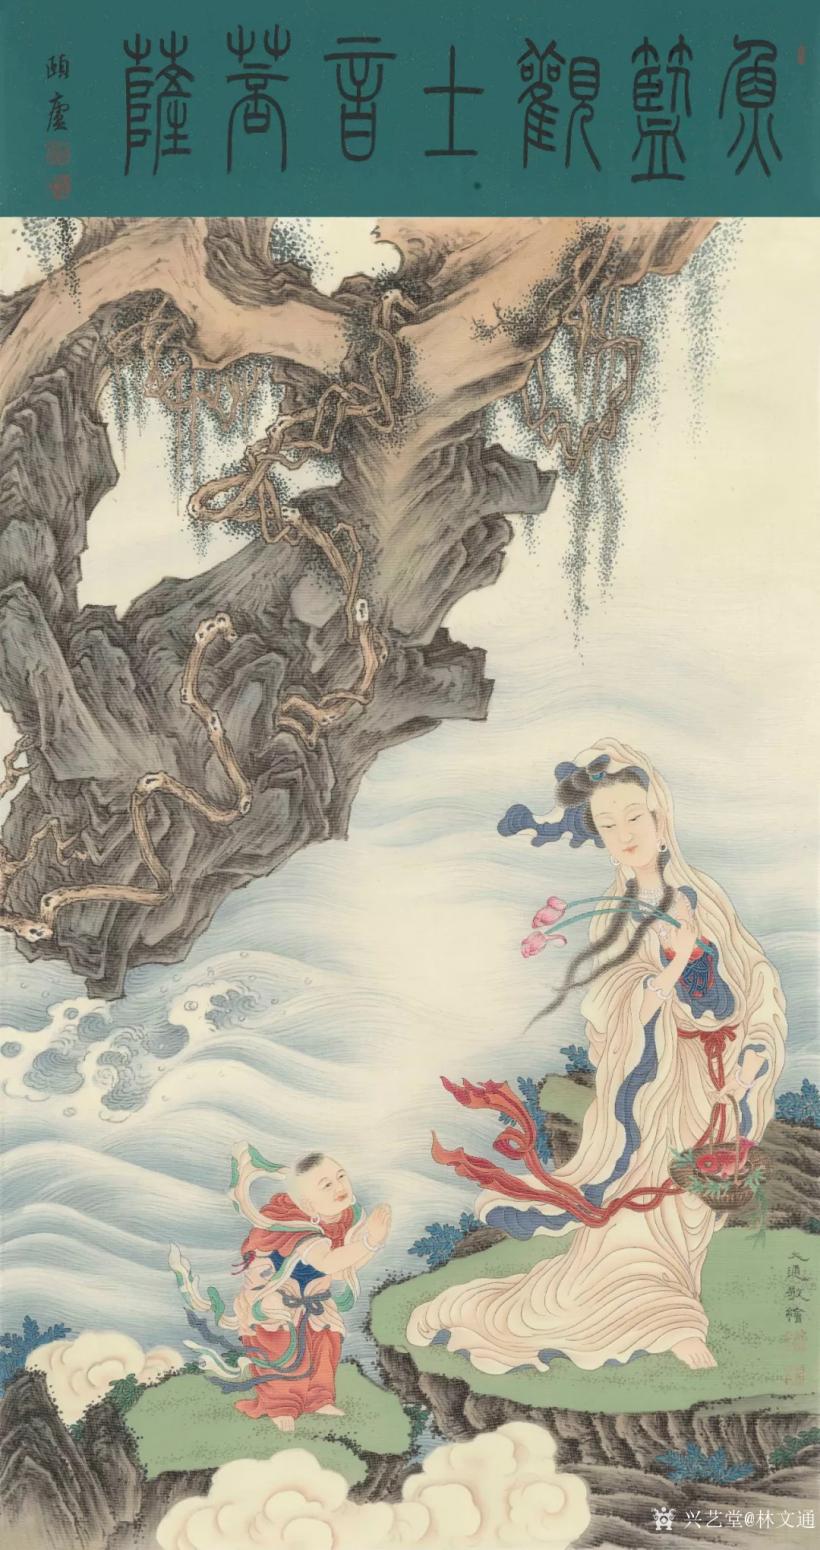 林文通国画作品《《鱼篮观世音菩萨》》【图0】